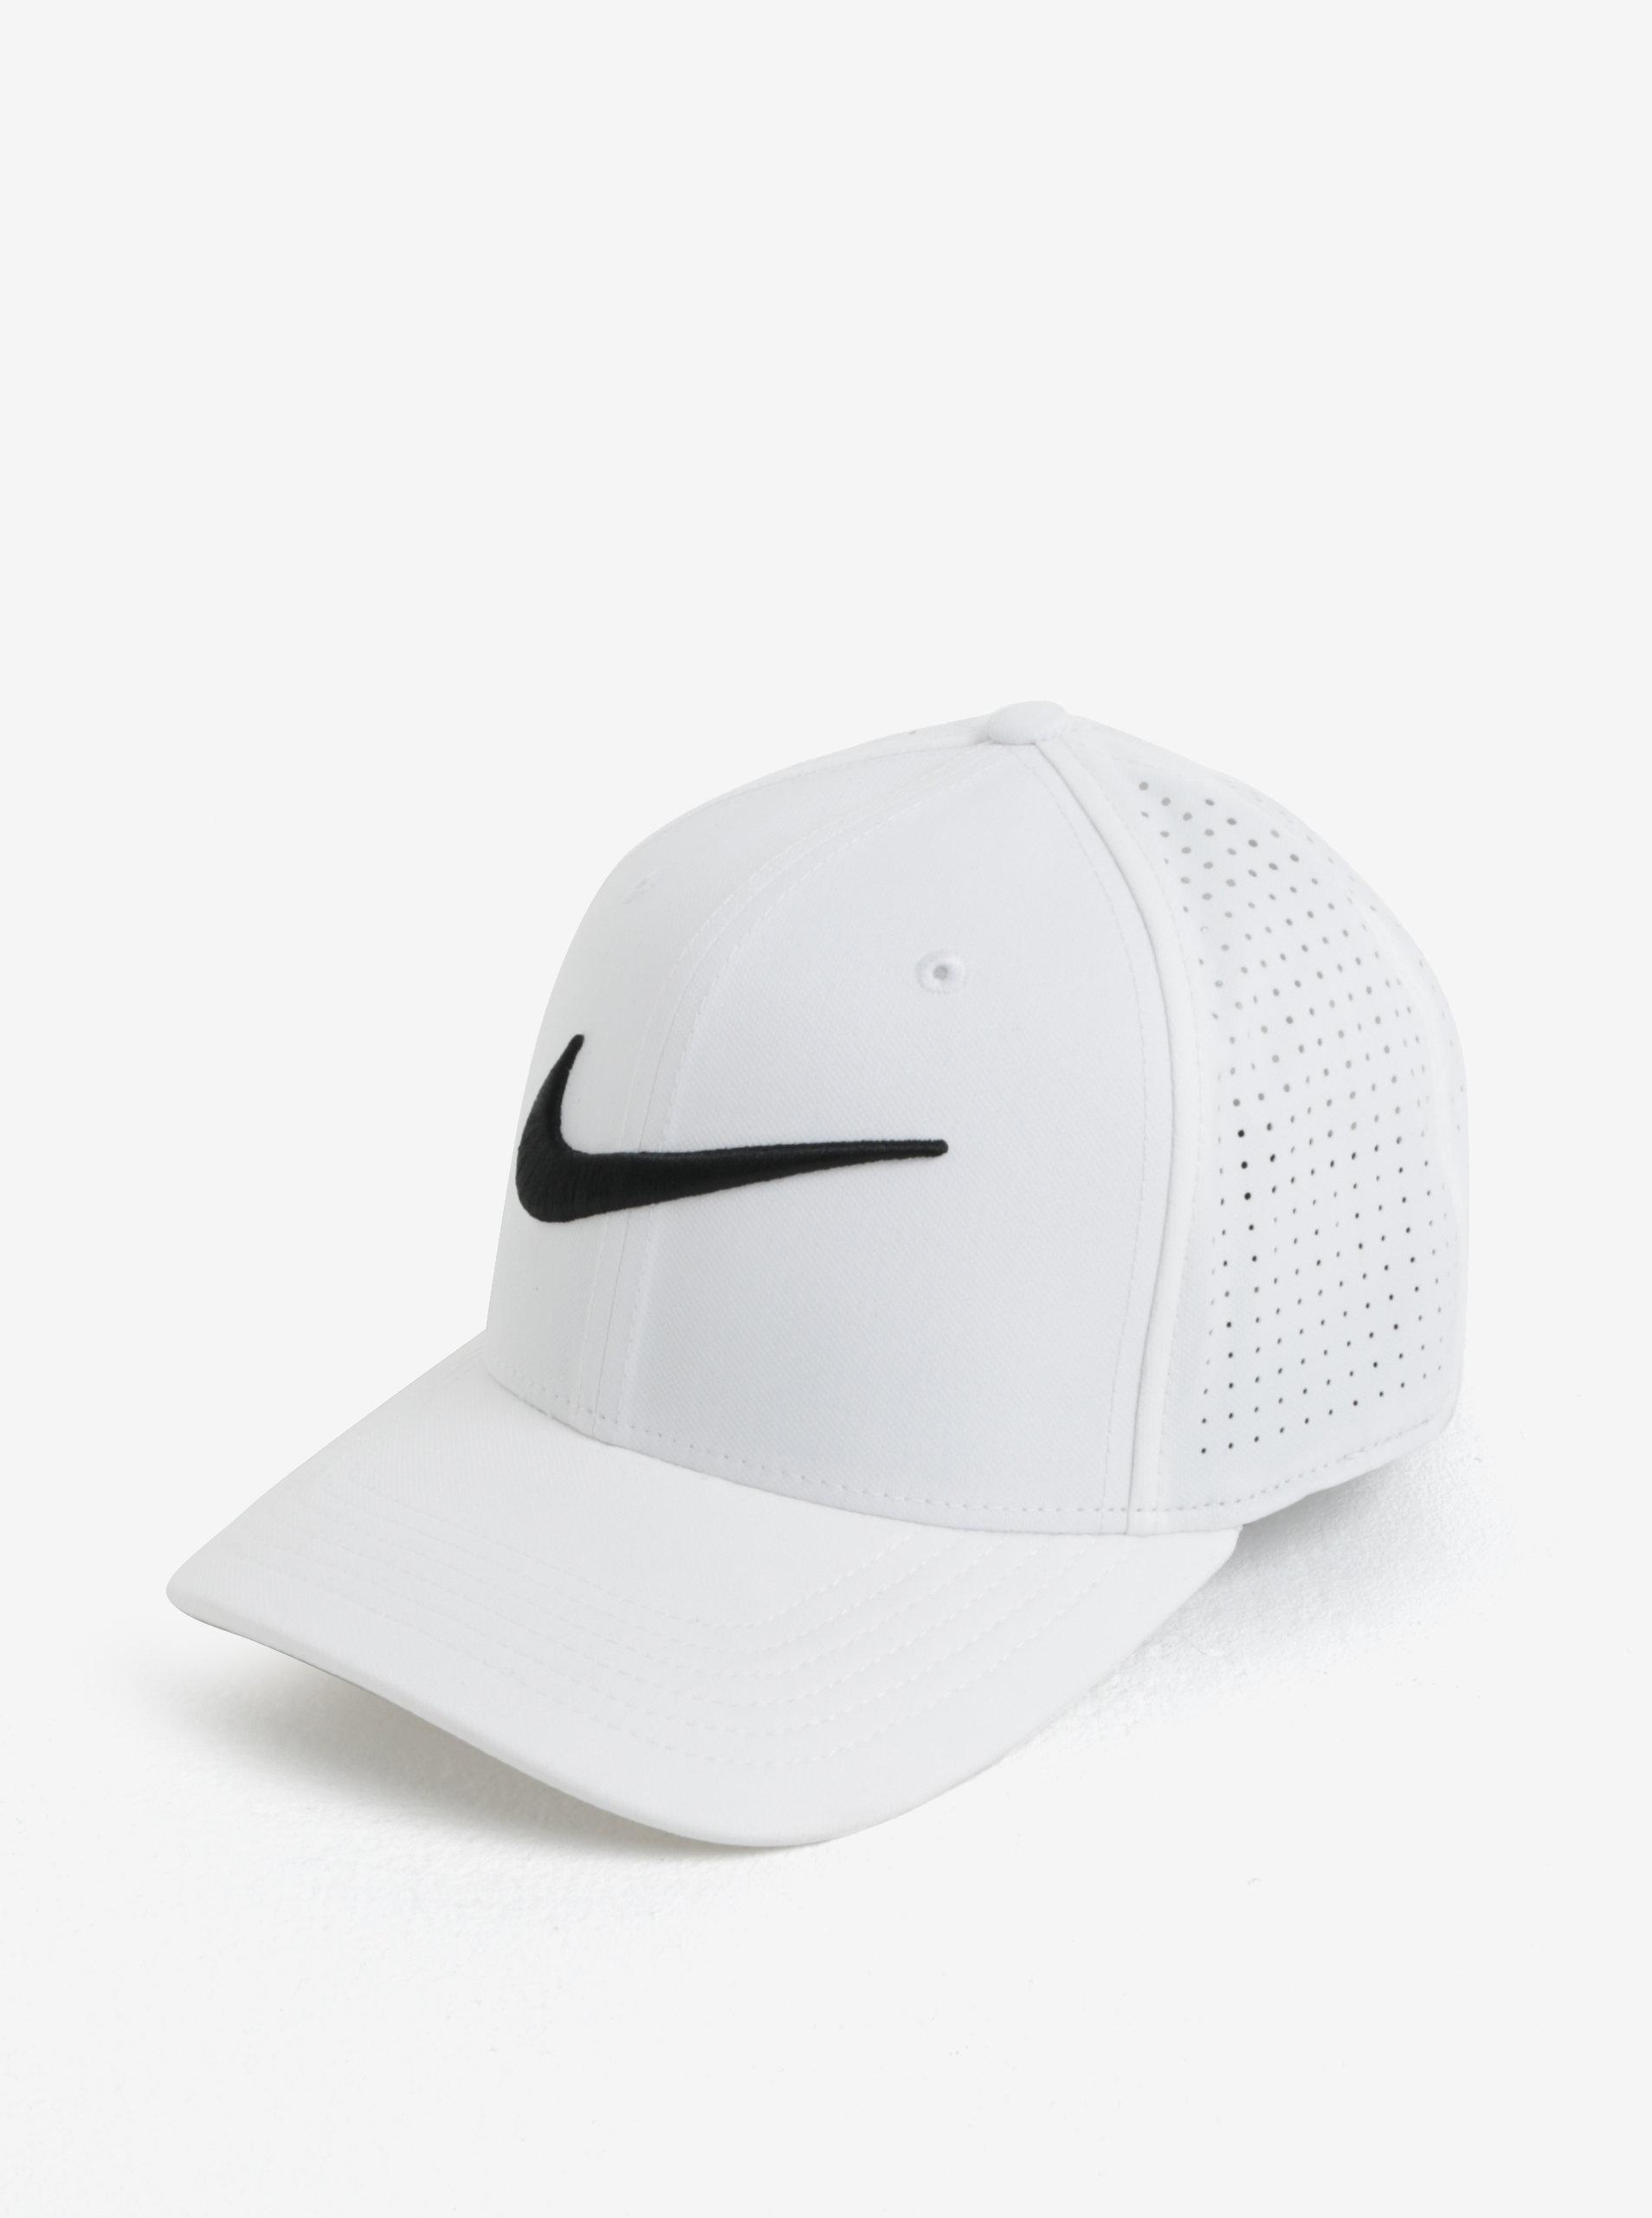 a6fdd1785 Biela unisex funkčná šiltovka Nike | ZOOT.sk